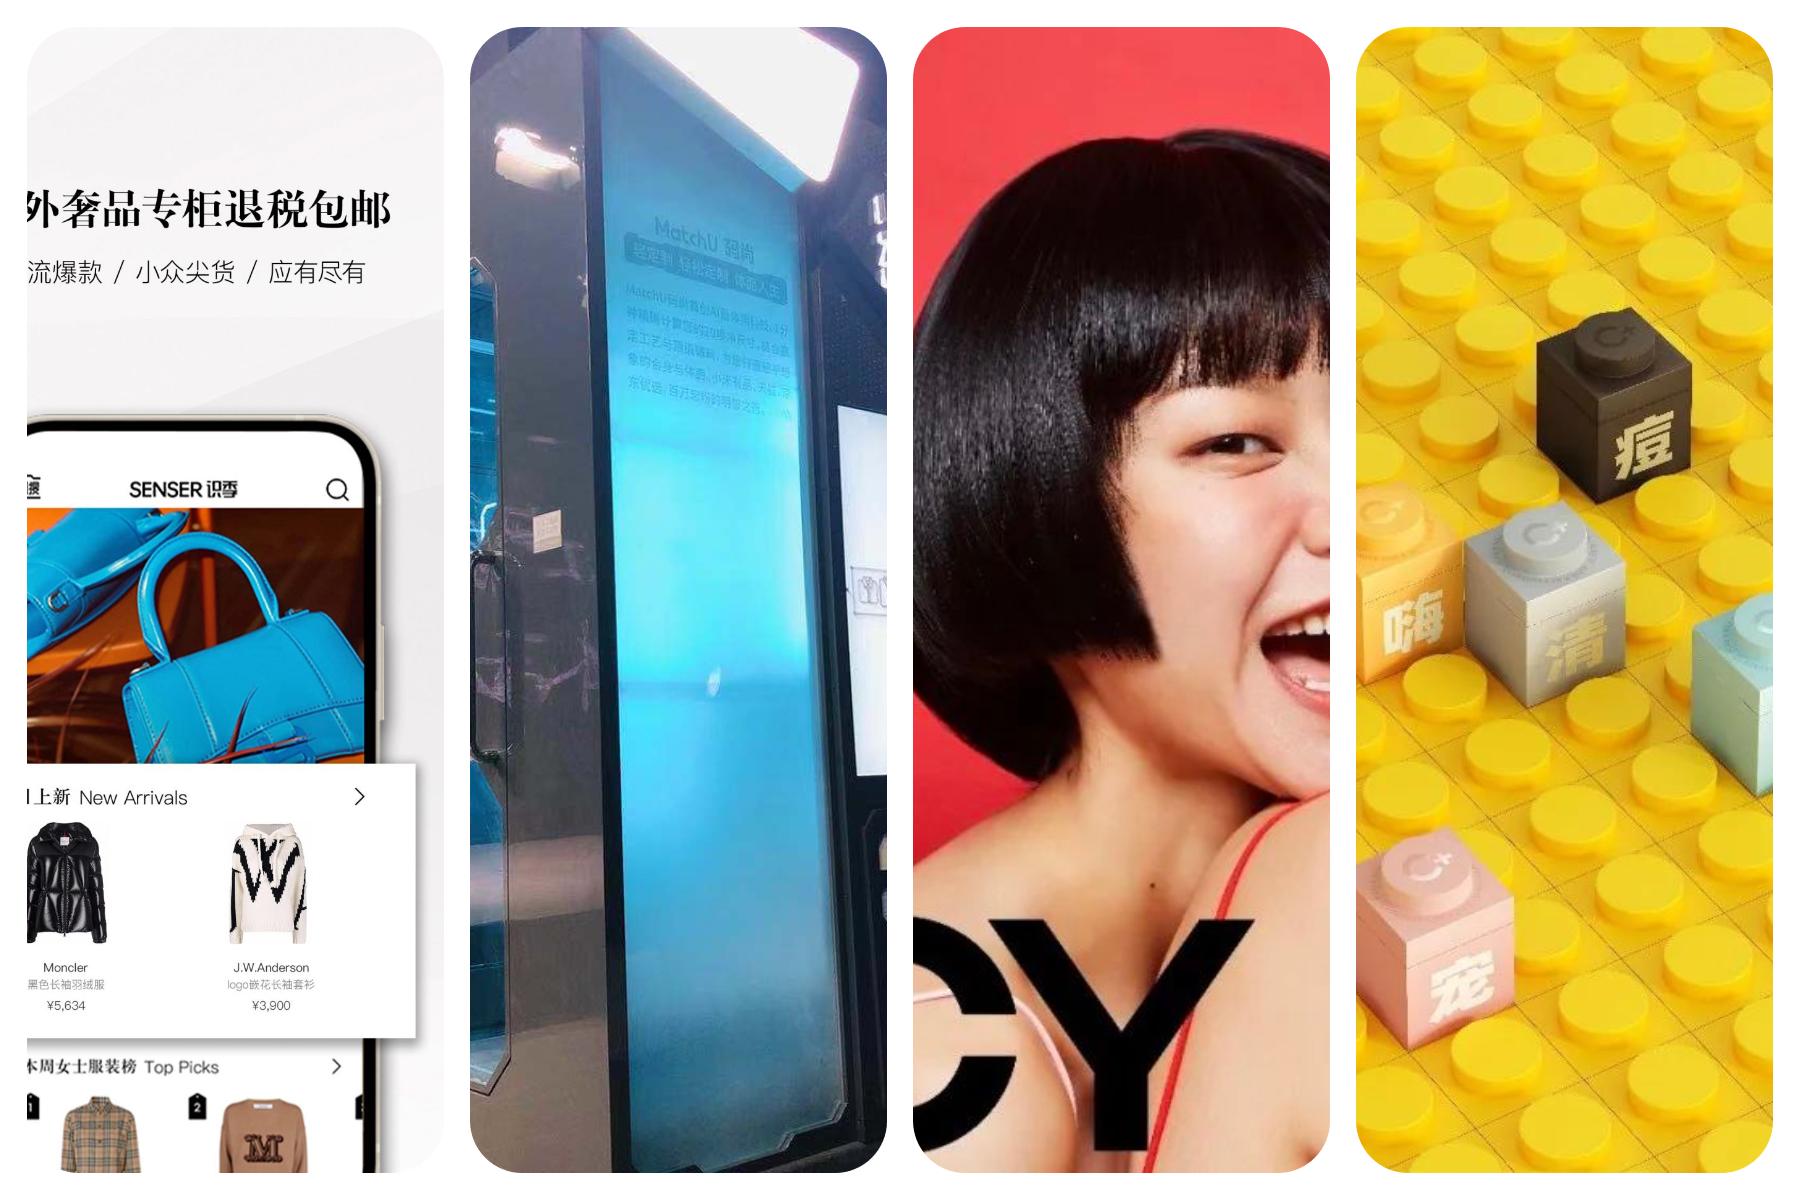 【华丽中国投资周报】2021年第36期:7家中国时尚消费企业完成新一轮融资